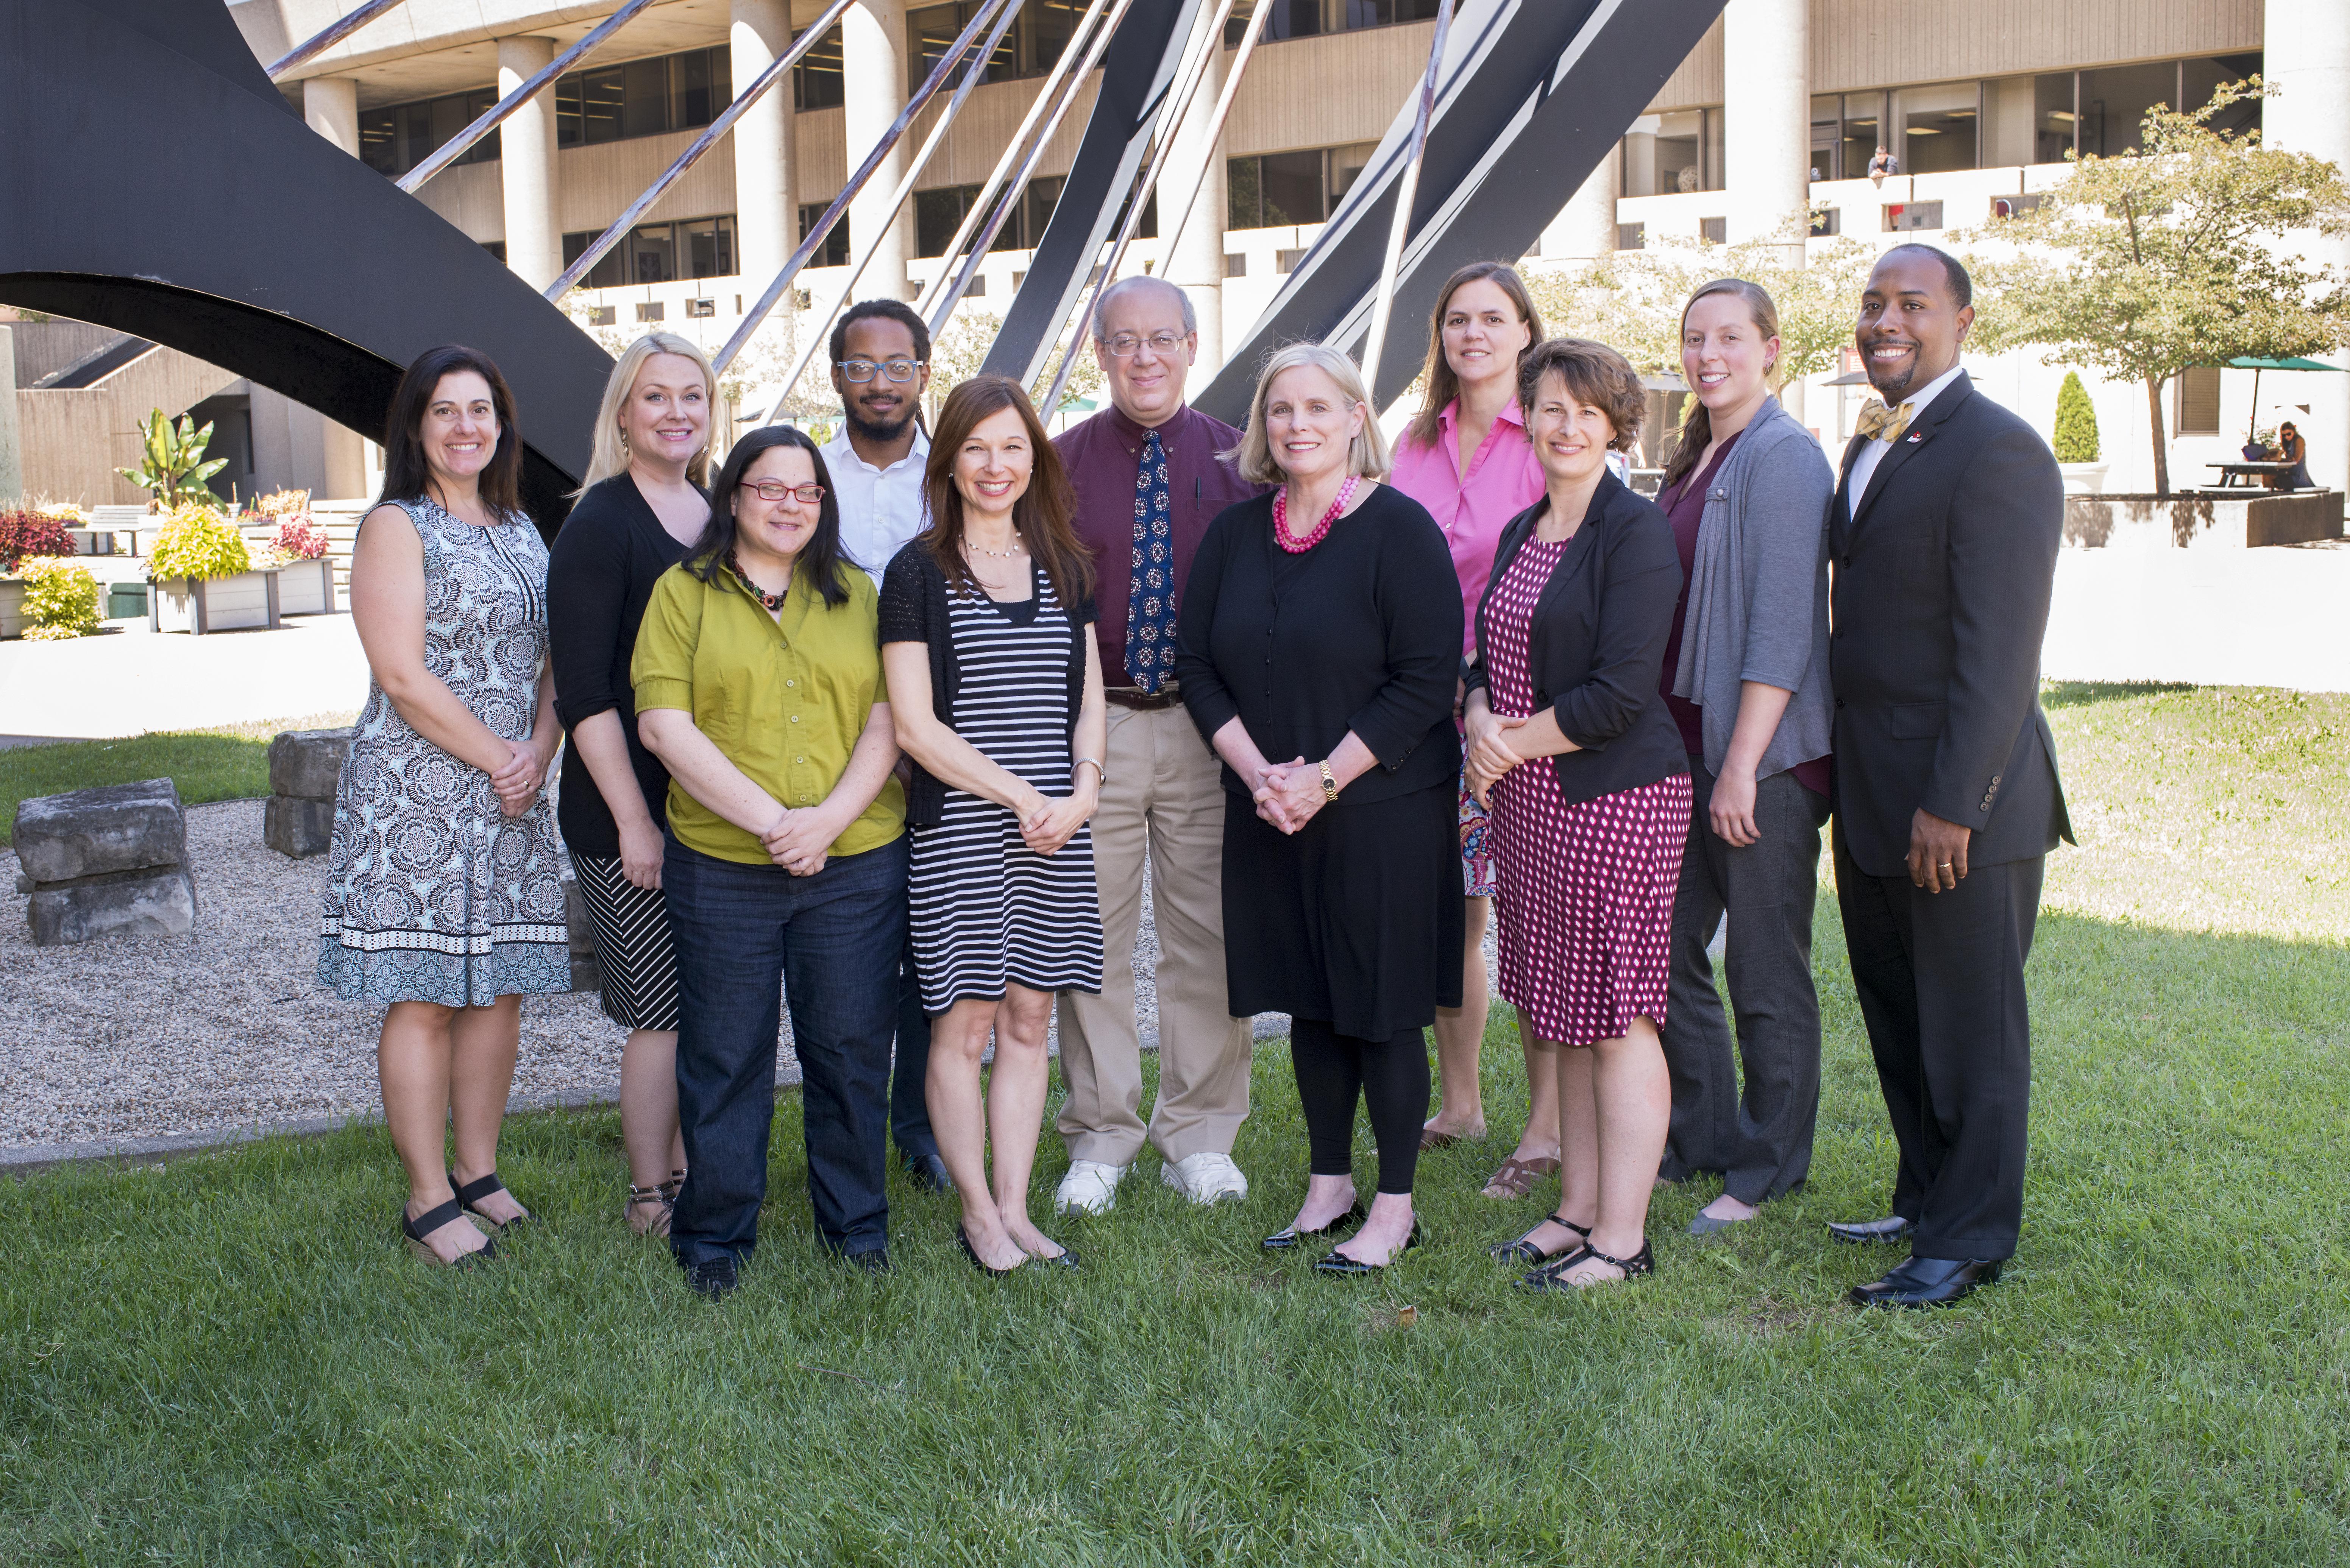 Steering Committee Group Photo